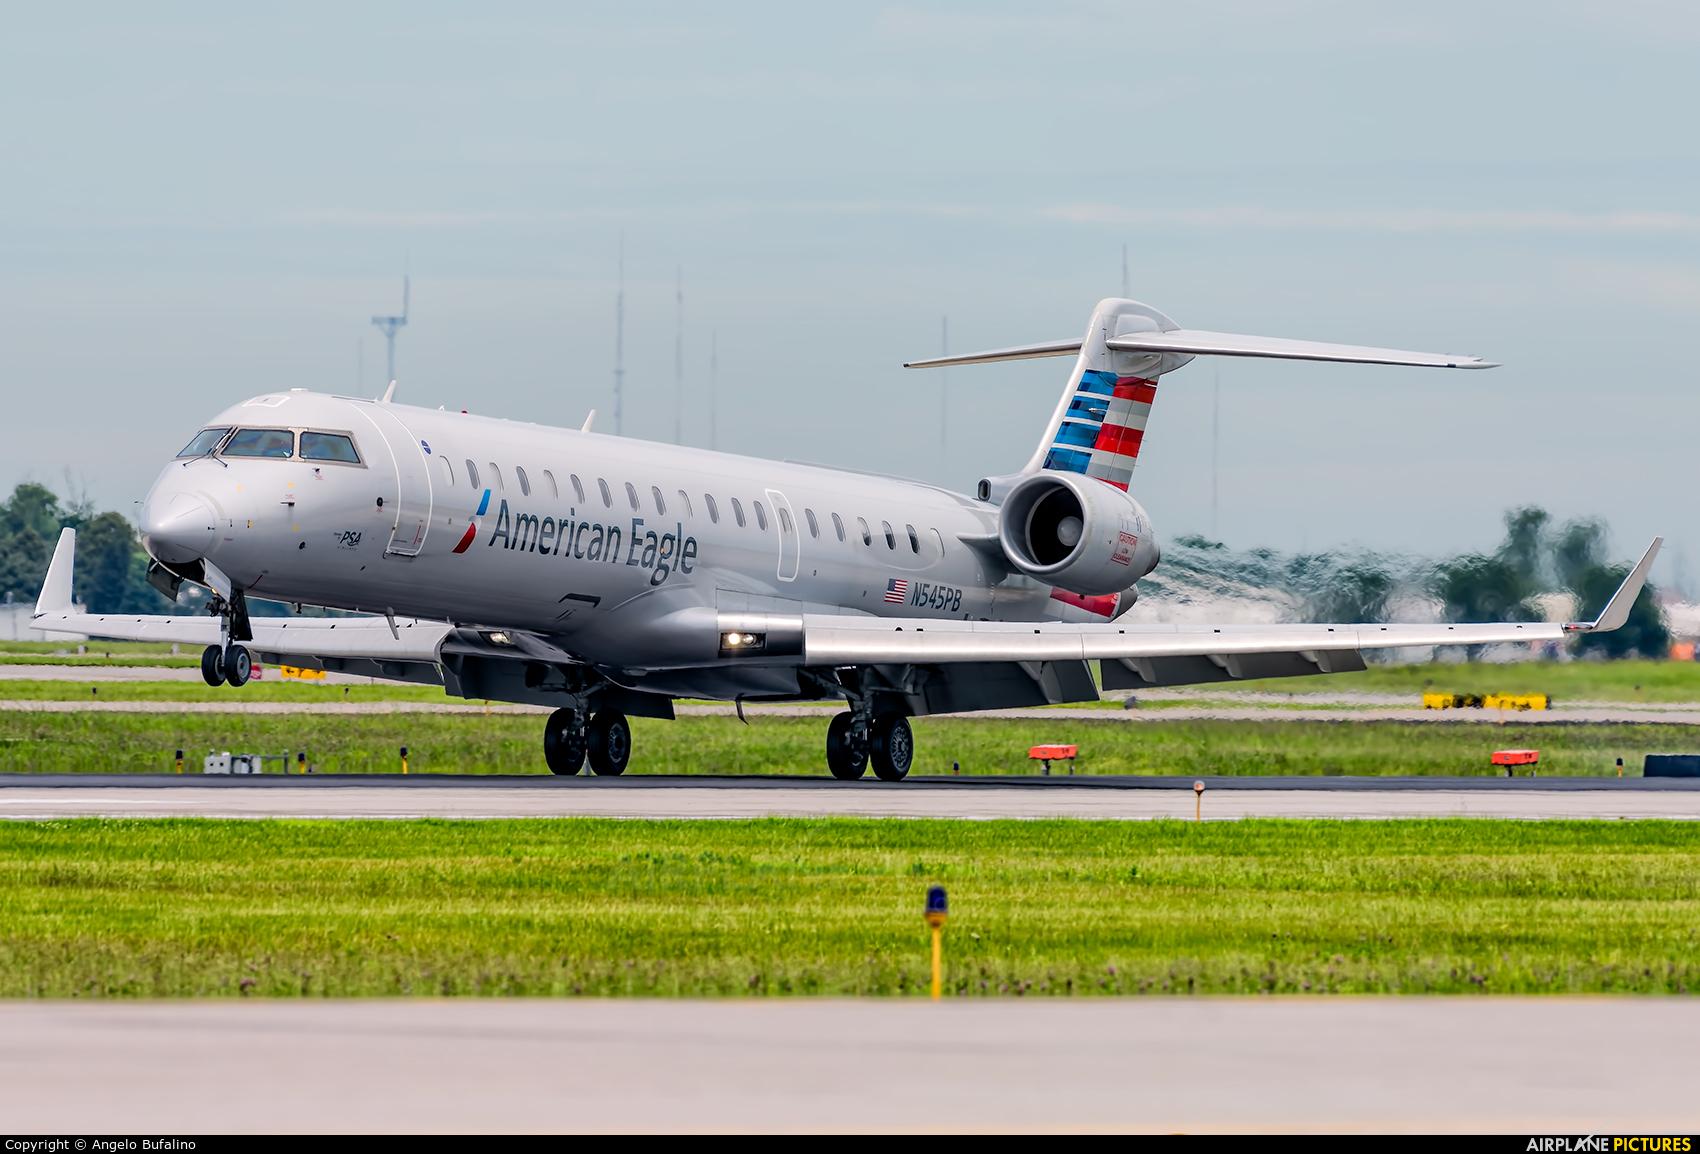 American Eagle N545PB aircraft at Indianapolis Intl